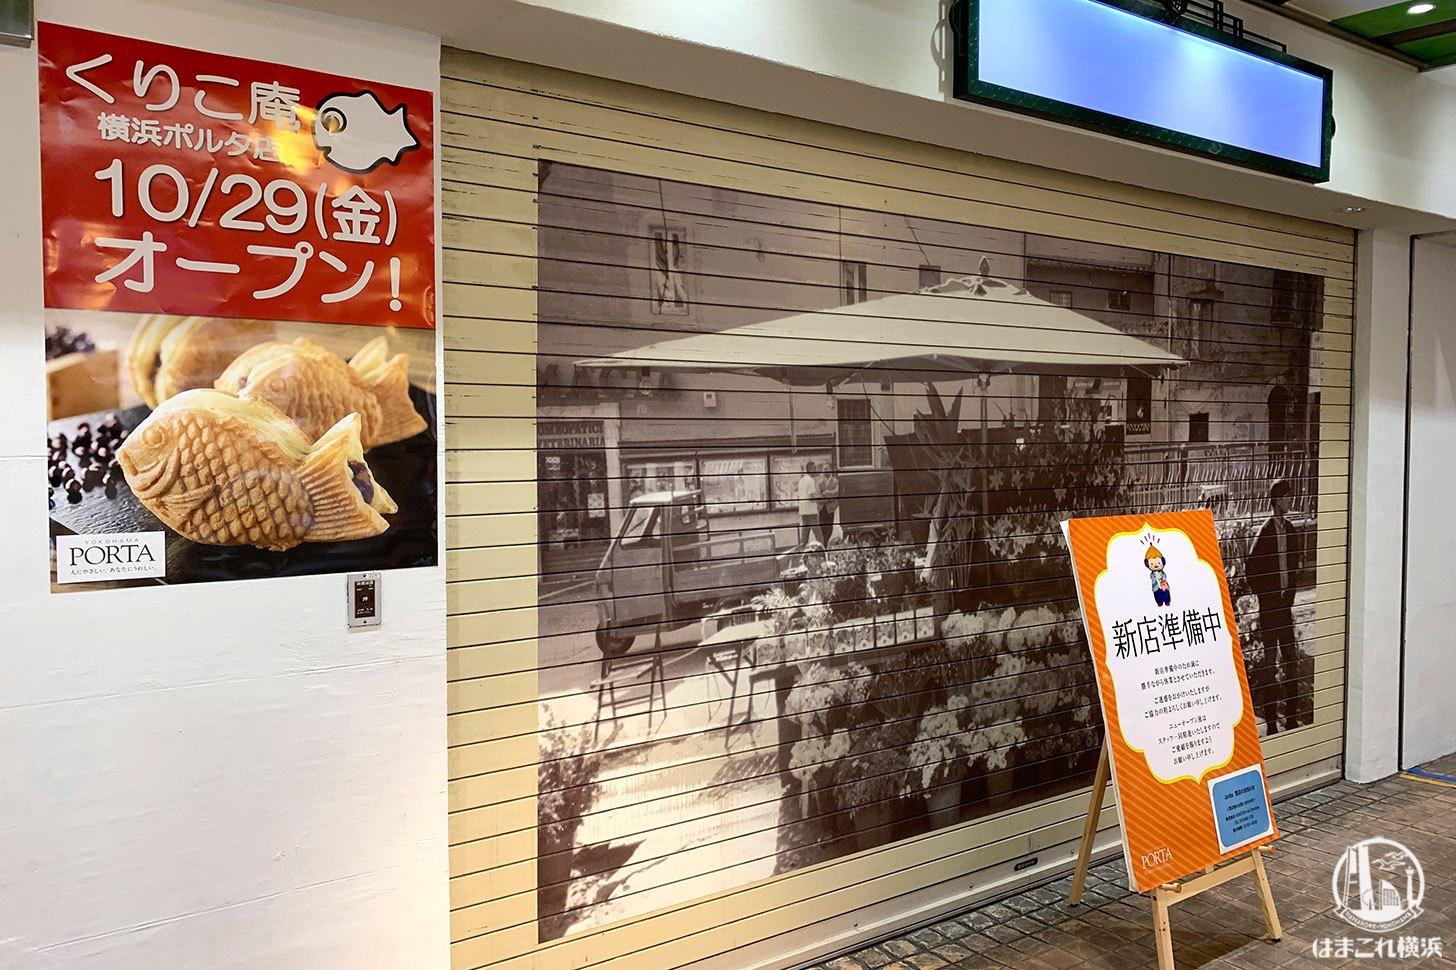 くりこ庵 横浜ポルタ店 外観